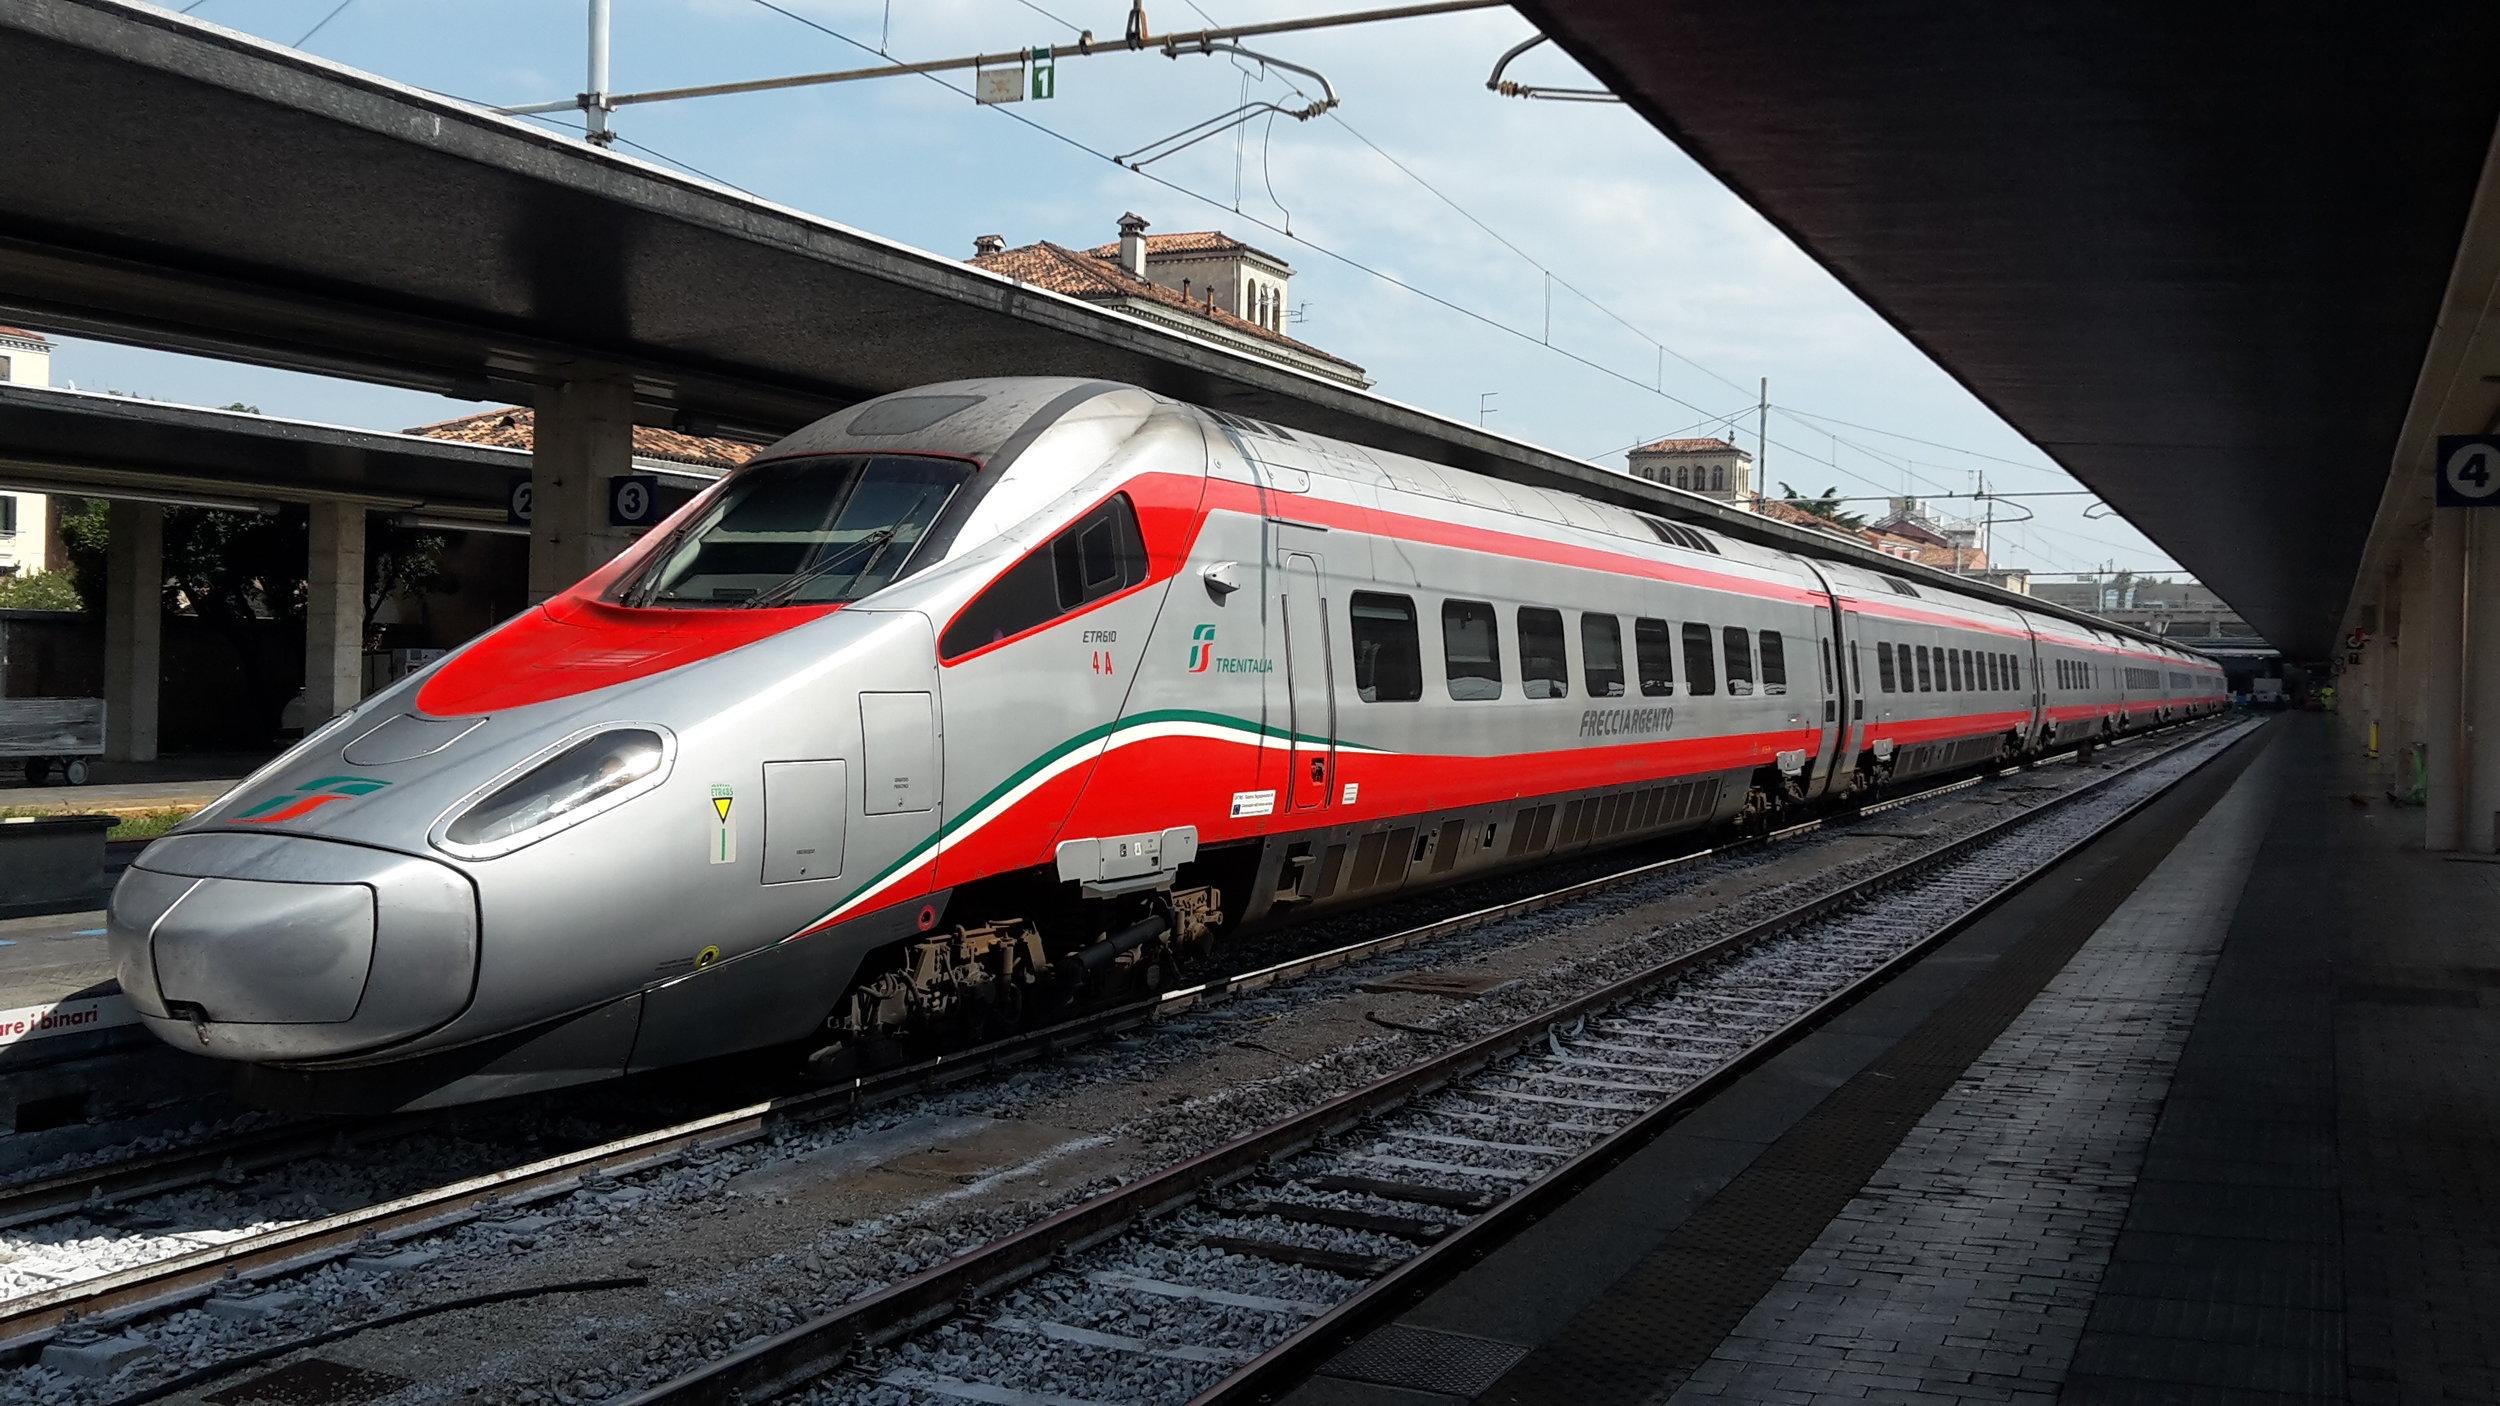 Trenitalia - State Owned HSR Operator